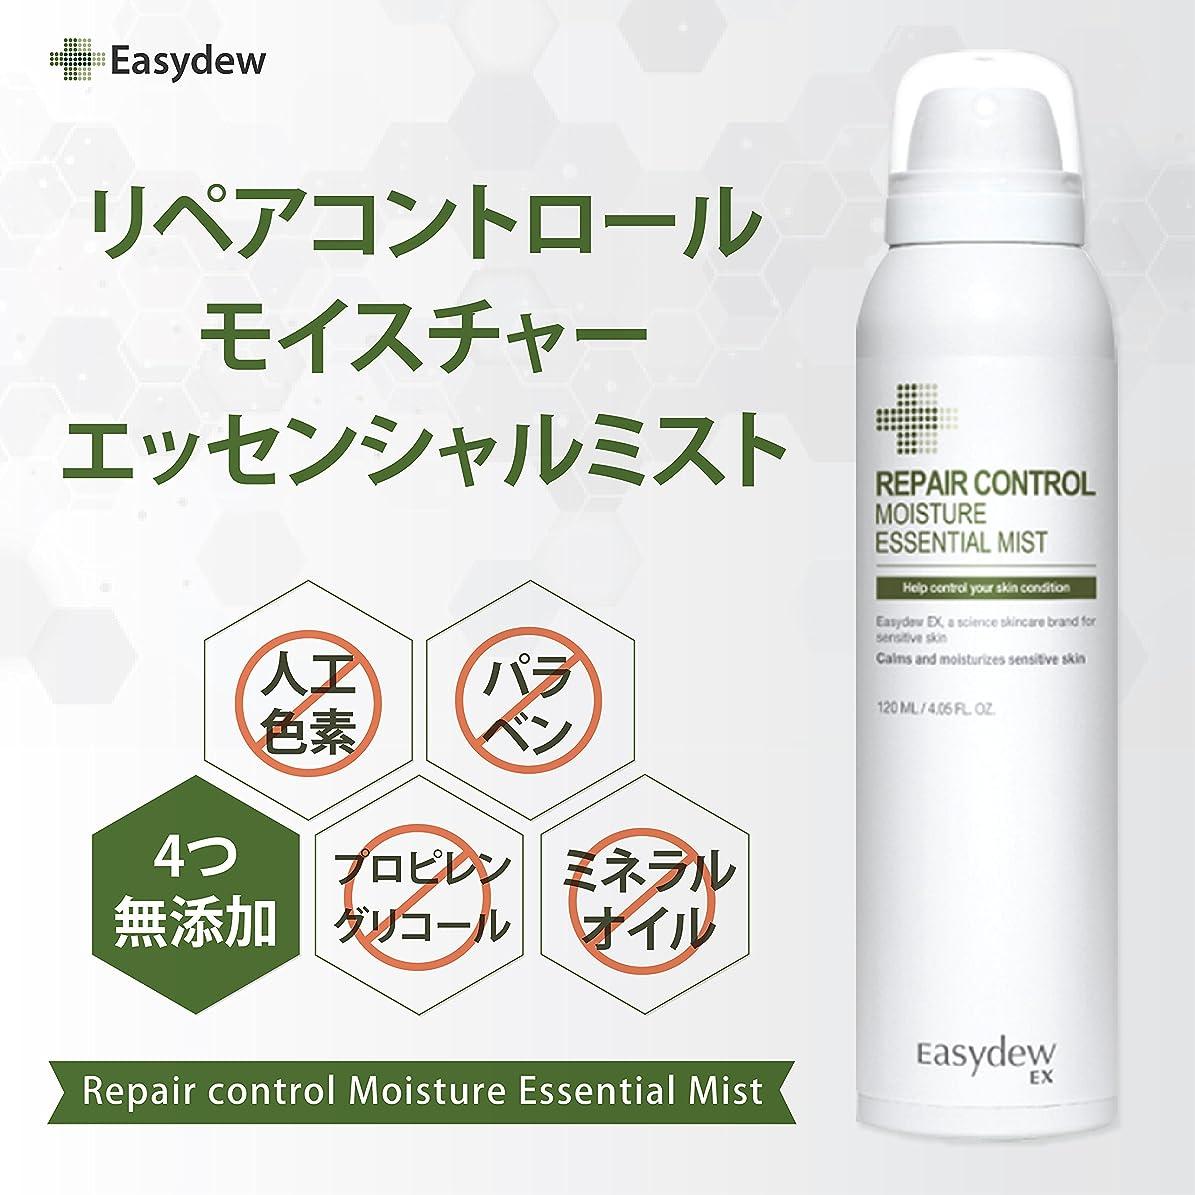 ホーン農夫談話EASYDEW EX リペア コントロール モイスチャー エッセンシャル ミスト Repair Control Moisture Essential Mist 120ml